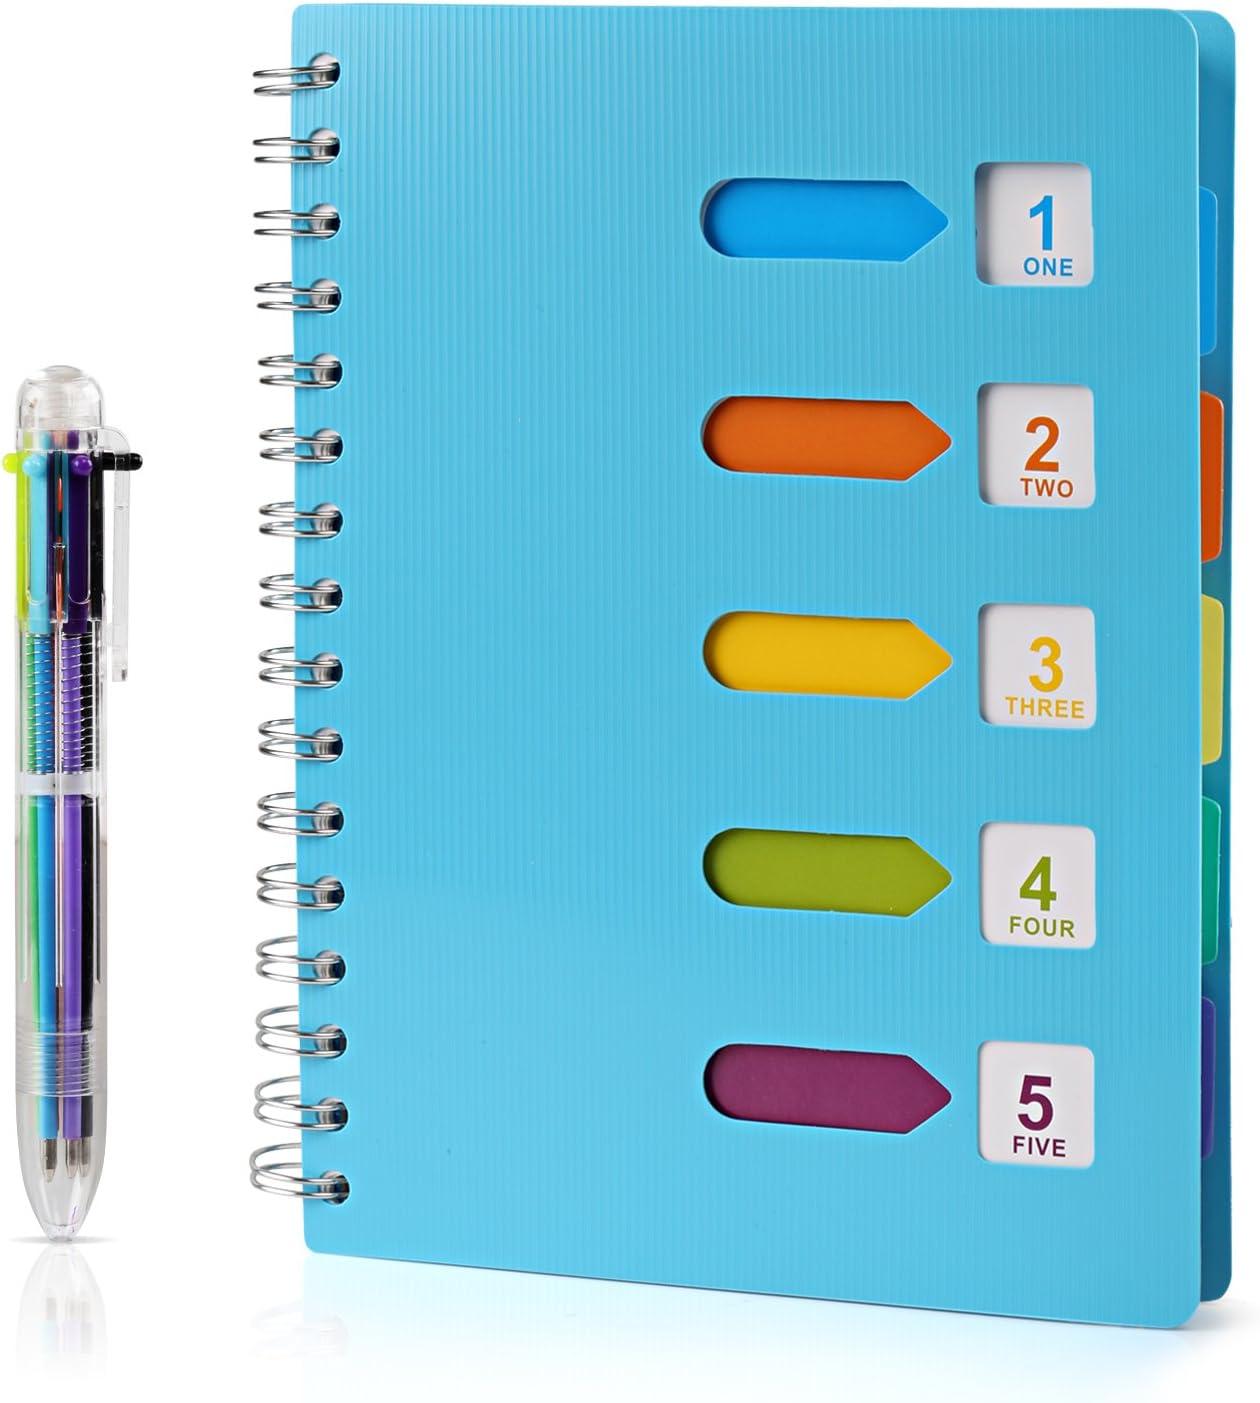 Kesote A5 Cuaderno Espiral con Etiquetas de 6 Color y A Bolígrafo de 6 Color A5 Notebook para Escuela, Oficina o Hogar, 120 Hojas